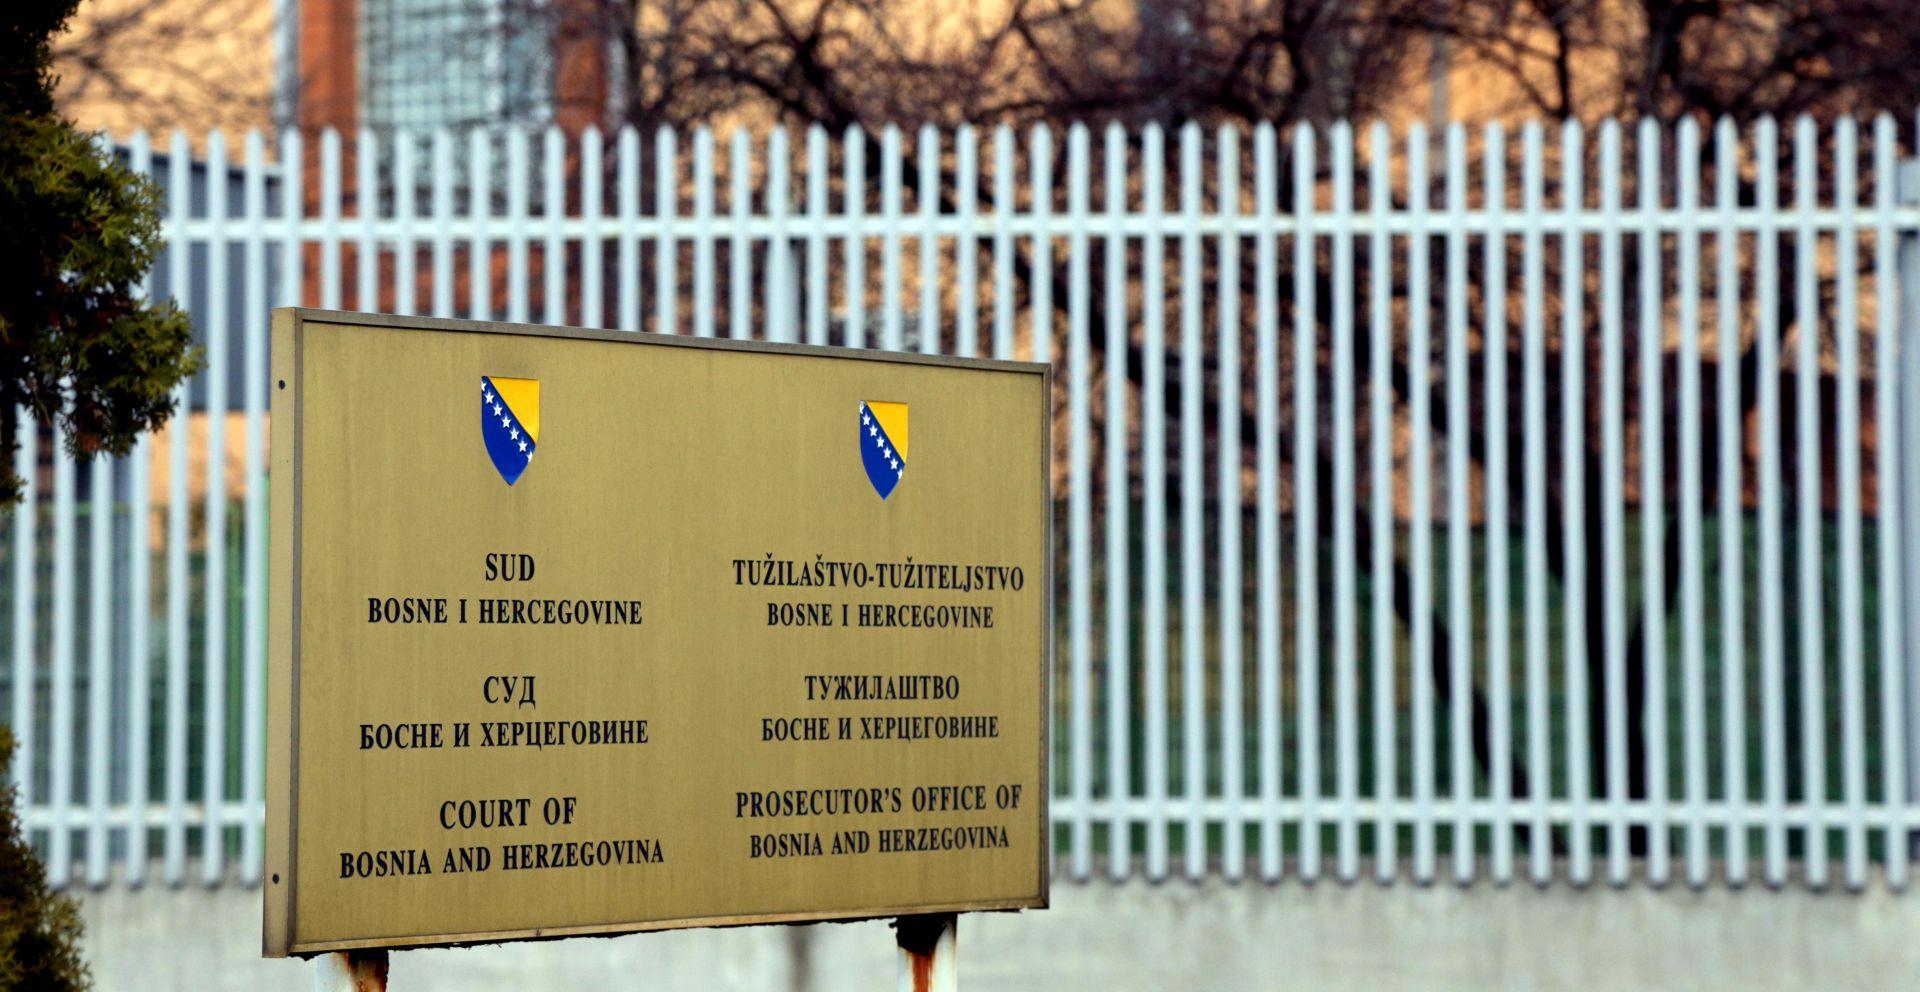 Sud prihvatio žalbe petorice uhićenih pripadnika HVO-a